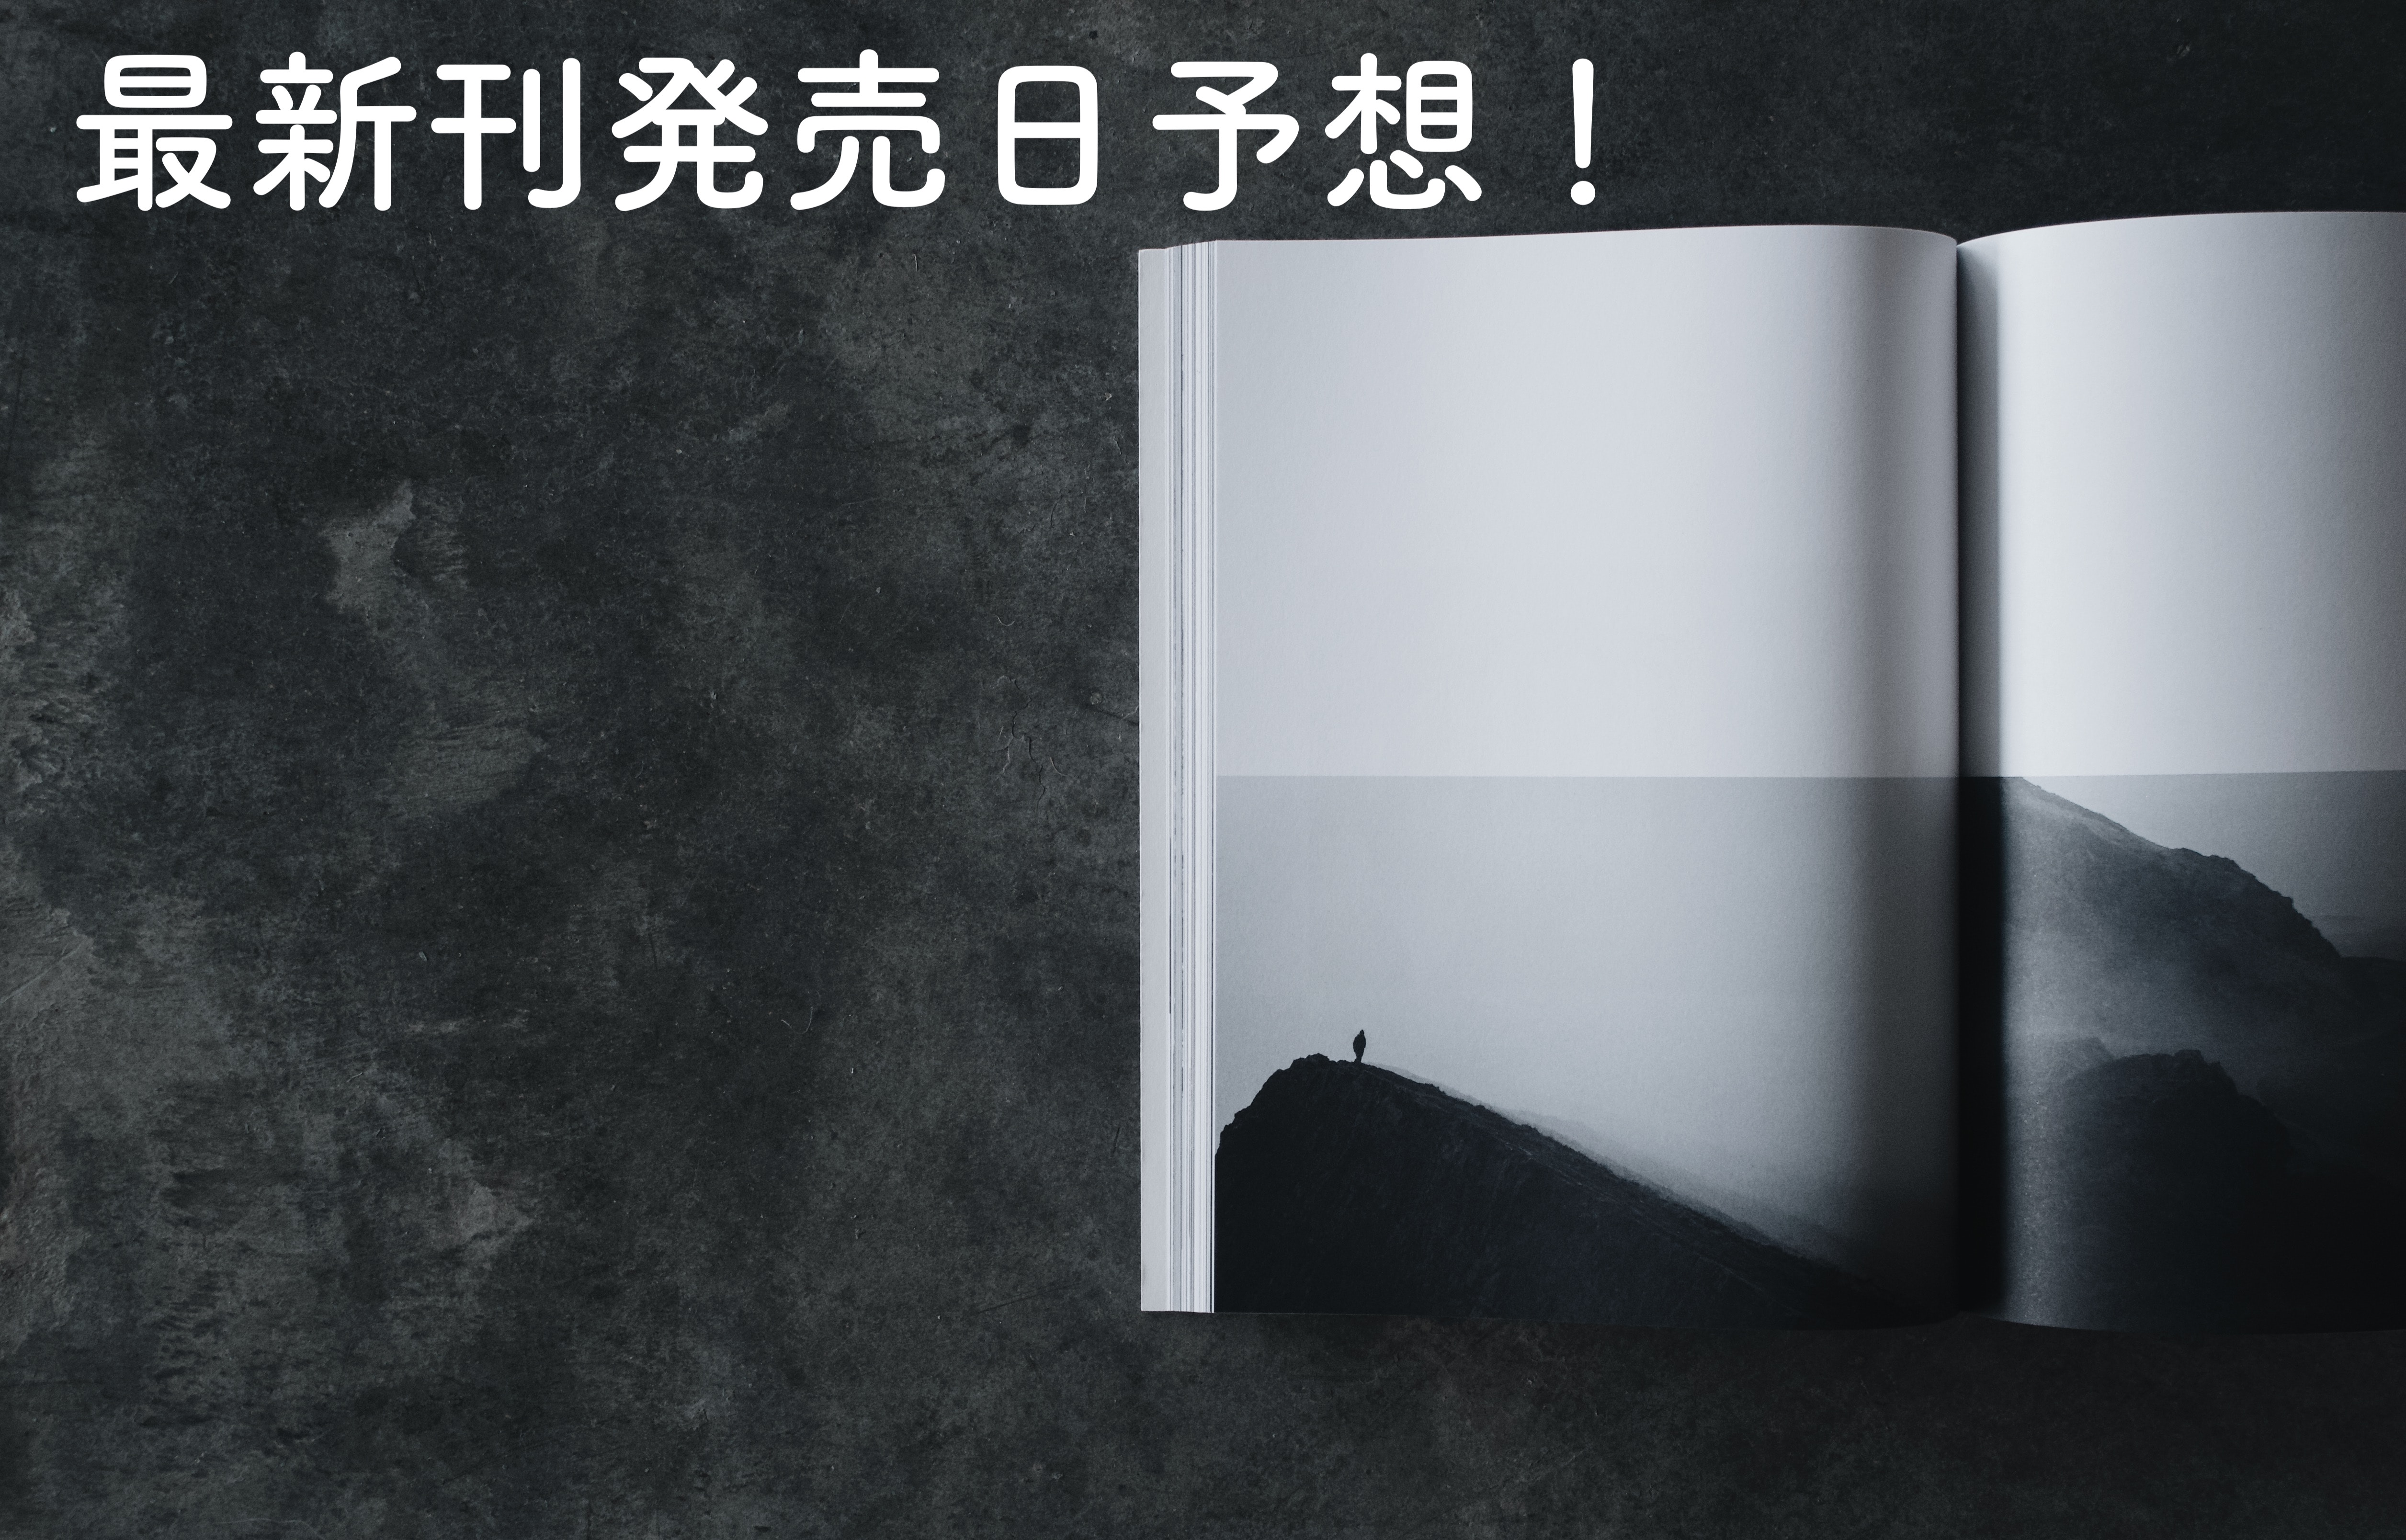 【やじきた学園道中記F】最新刊8巻の発売日とネタバレ!収録話を無料で読む方法も